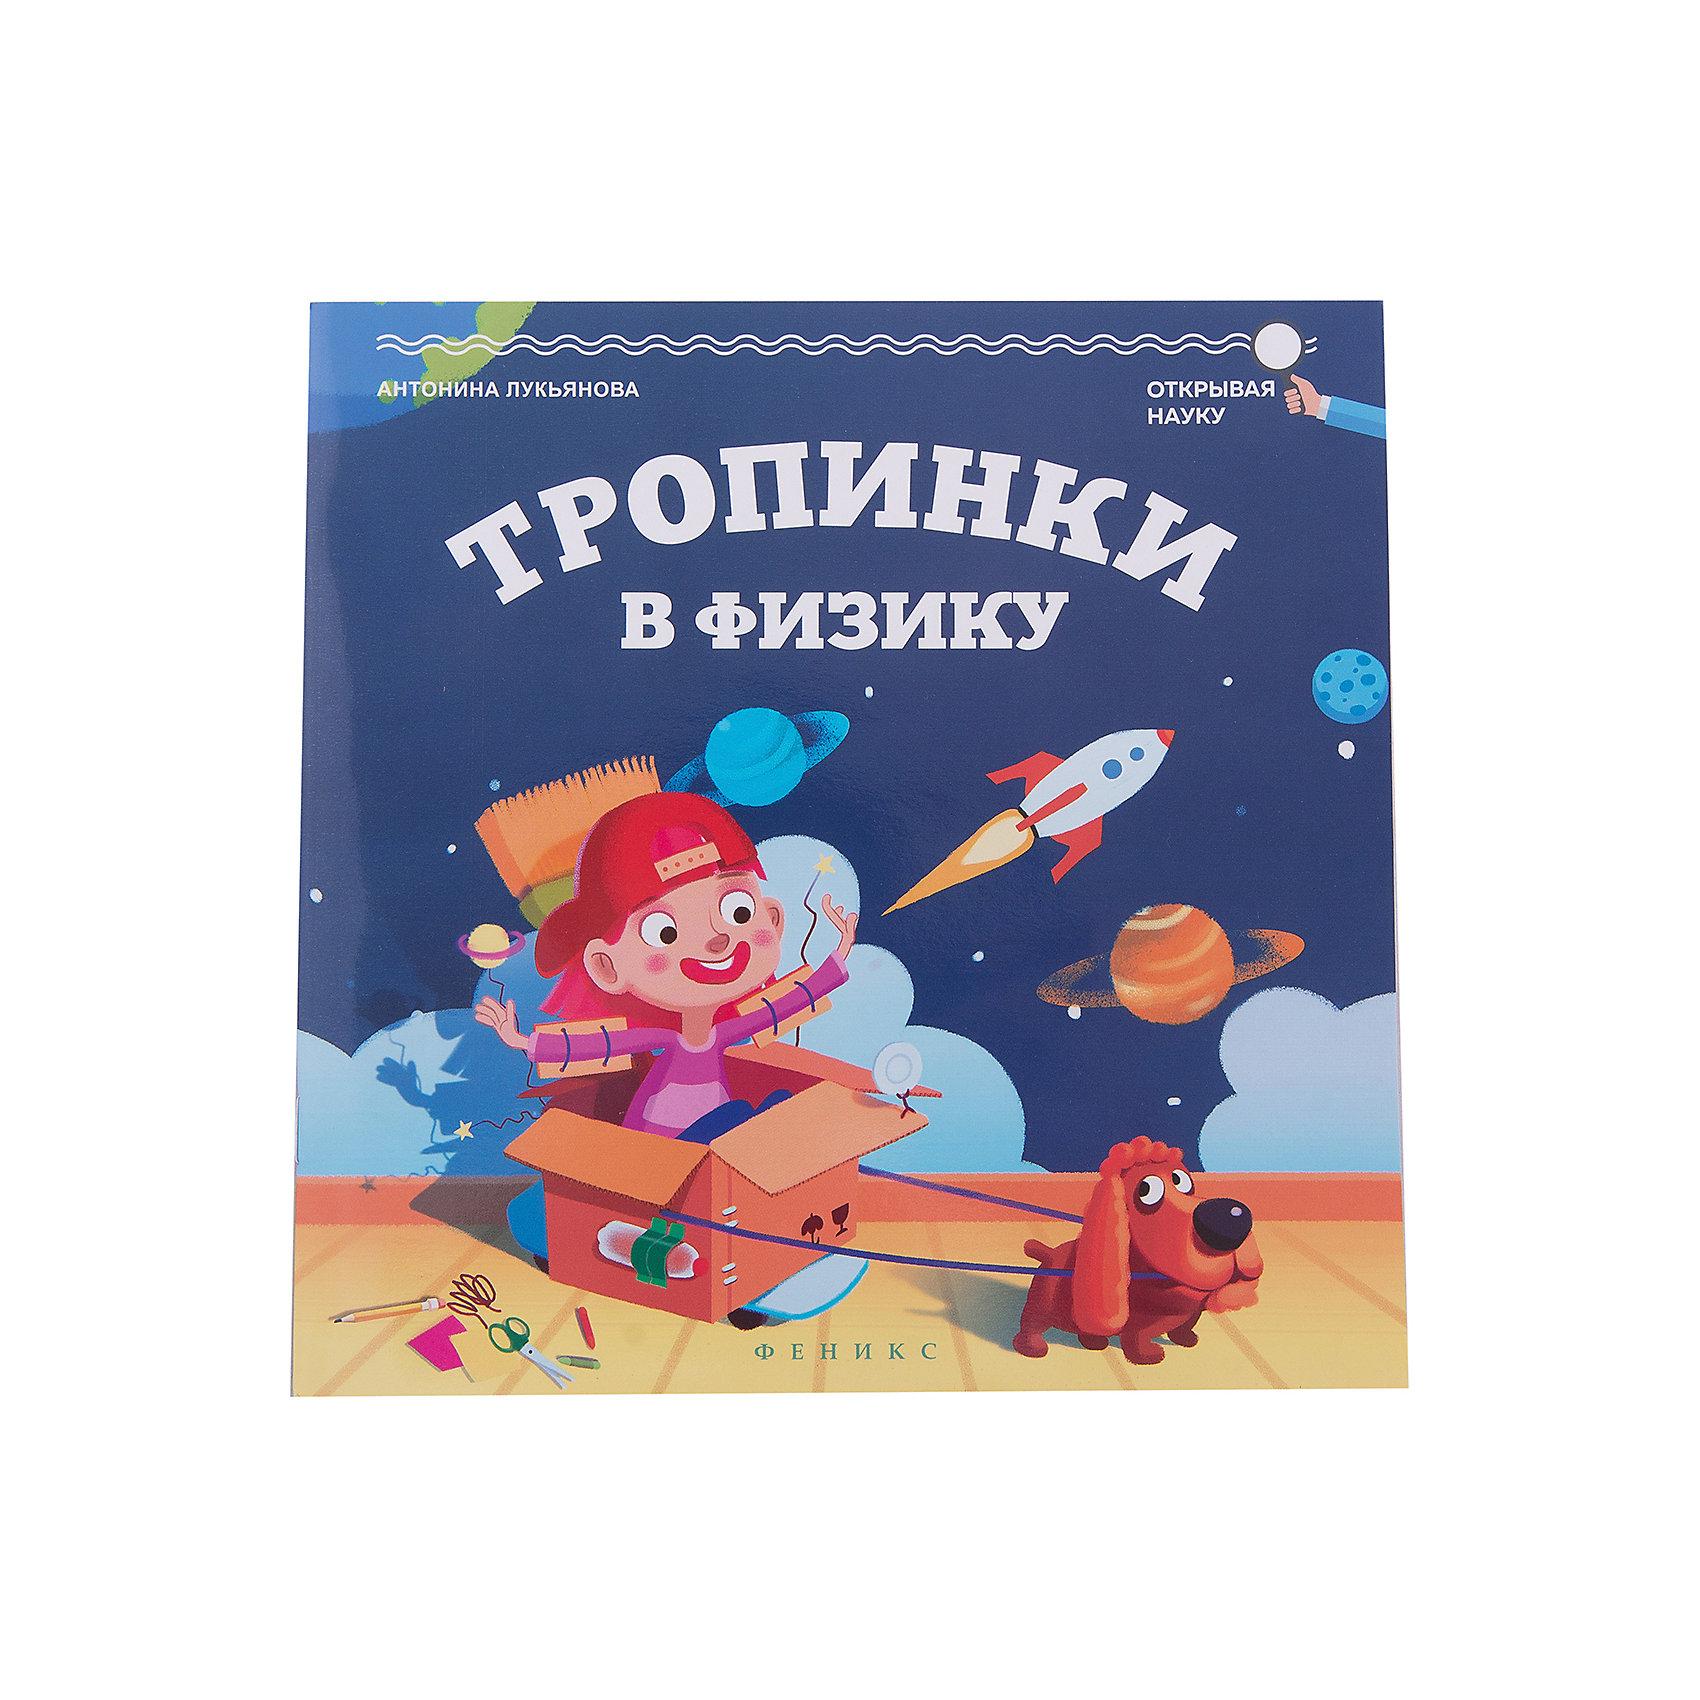 Книга Тропинки в физикуЭта книга предназначается детям от 6 до 10 лет и любящим их взрослым. Она приоткрывает краешек занавеса, за которым - большая, сложная и нужная наука «Физика». С помощью этой книги ребёнок узнает, а взрослый вспомнит о том, что окружающий мир открыл людям уже множество своих законов, которые мудро управляют дождём и ветром, игрушками и машинами, Солнцем и звёздами. Книга рассказывает о законах физики доступным языком, используя привычные и хорошо знакомые ребёнку предметы и явления, учит смотреть вглубь и вширь. Маленький Почемучка найдёт здесь ответы на свои вопросы и много тем, которые захочется обсудить, о которых захочется ещё и ещё спрашивать. Так что надеемся, что книга будет успешно развивать познавательный интерес как детей, так и их родителейв области физики и естествознания.<br><br>Ширина мм: 40<br>Глубина мм: 204<br>Высота мм: 205<br>Вес г: 119<br>Возраст от месяцев: -2147483648<br>Возраст до месяцев: 2147483647<br>Пол: Унисекс<br>Возраст: Детский<br>SKU: 5501058